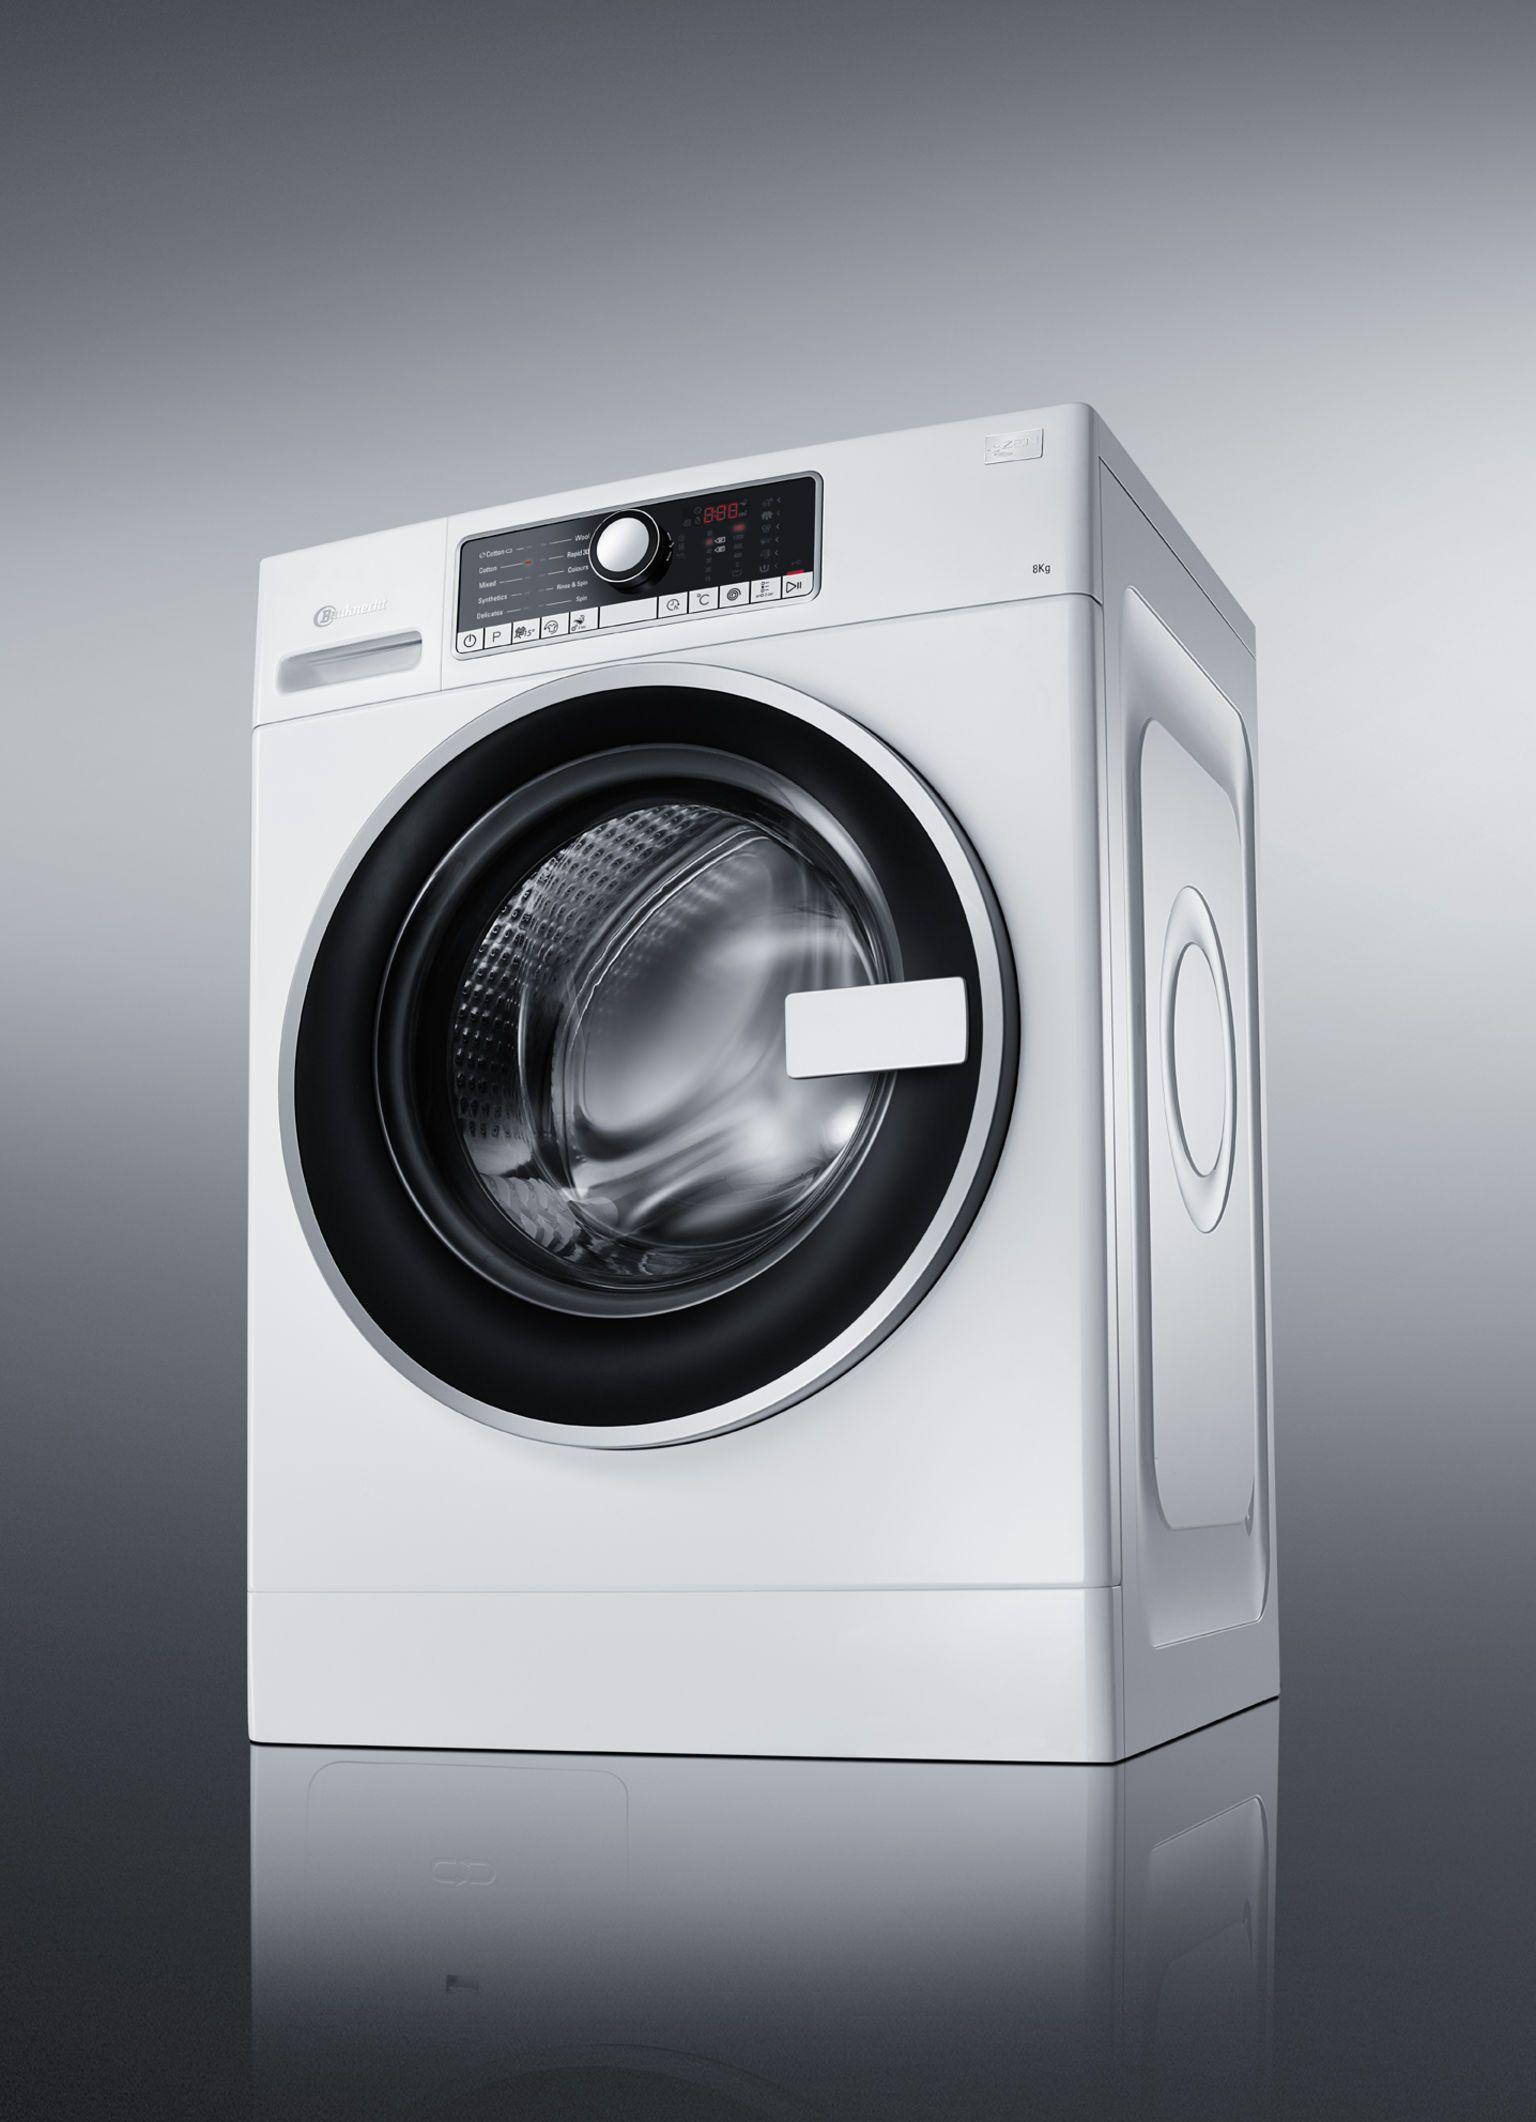 Moderne Waschmaschine bauknecht premiumcare waschmaschine http bauknecht ch premiumcare